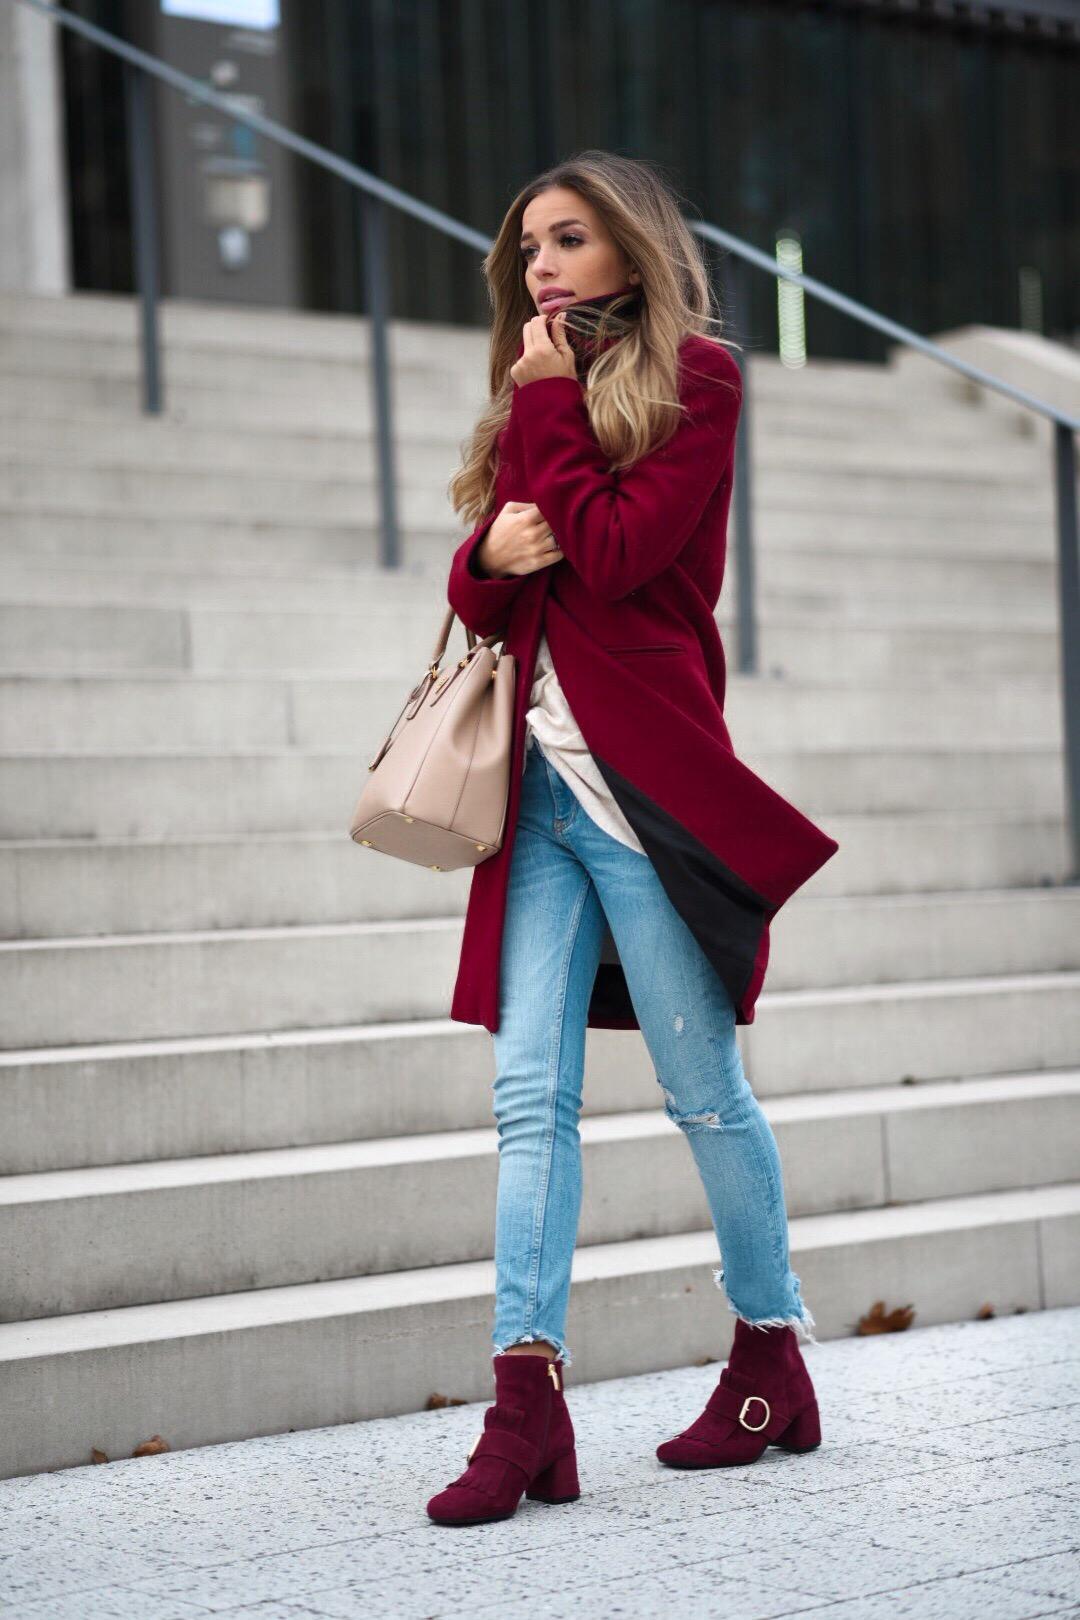 Großartig Stiefeletten Kombinieren Beste Wahl Vielen Dank An Schuhe.de Für Diese Wunderschönen